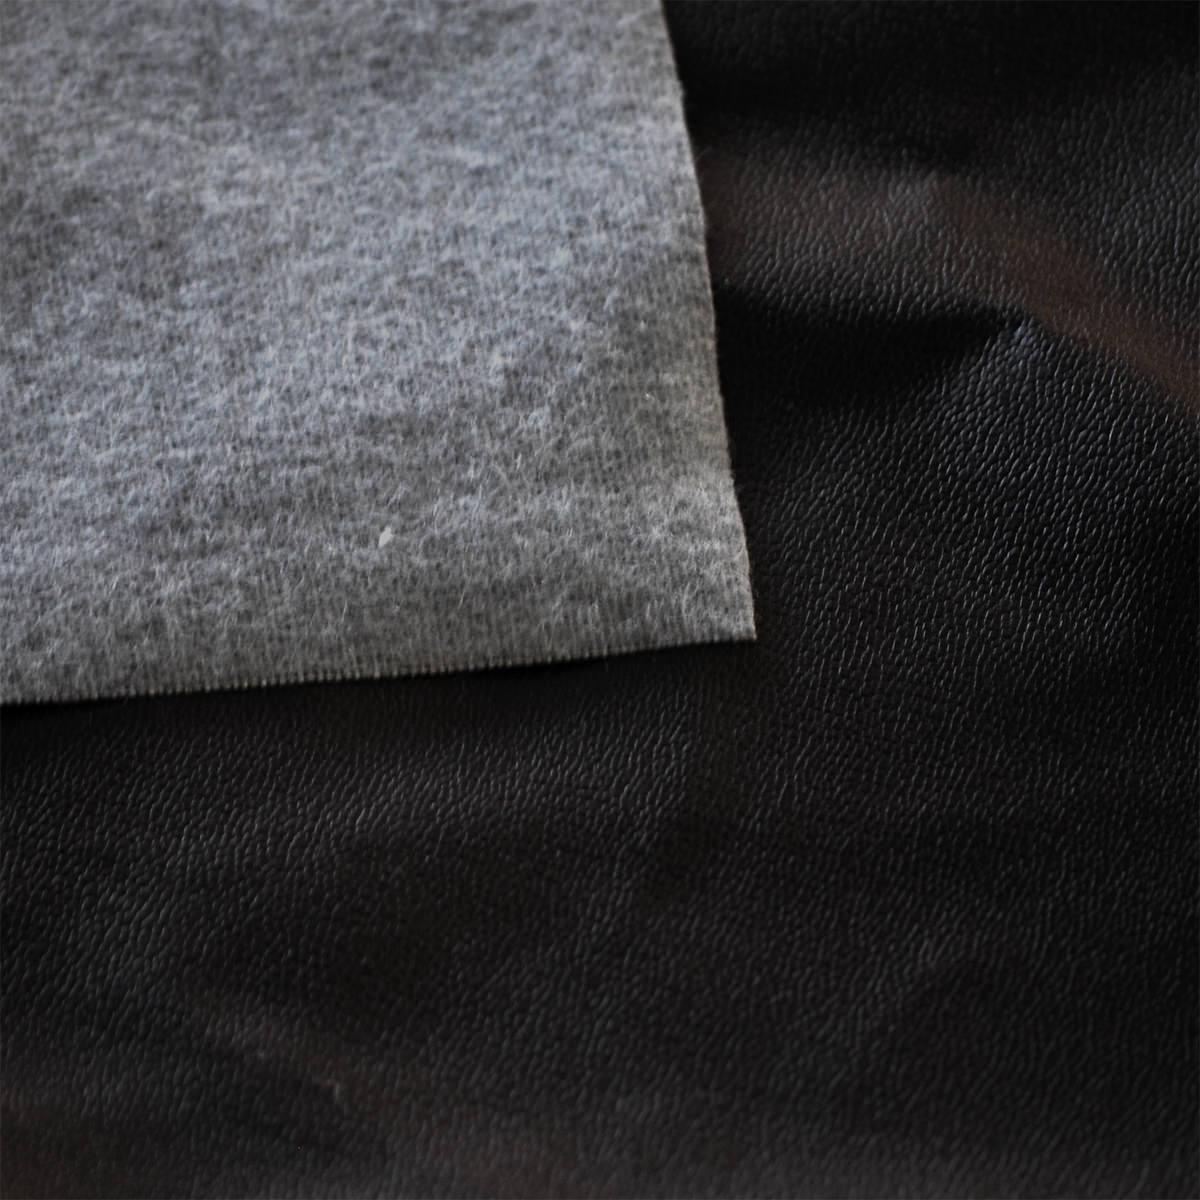 合皮の画像 裏と表 songdreamオフィシャルブログ